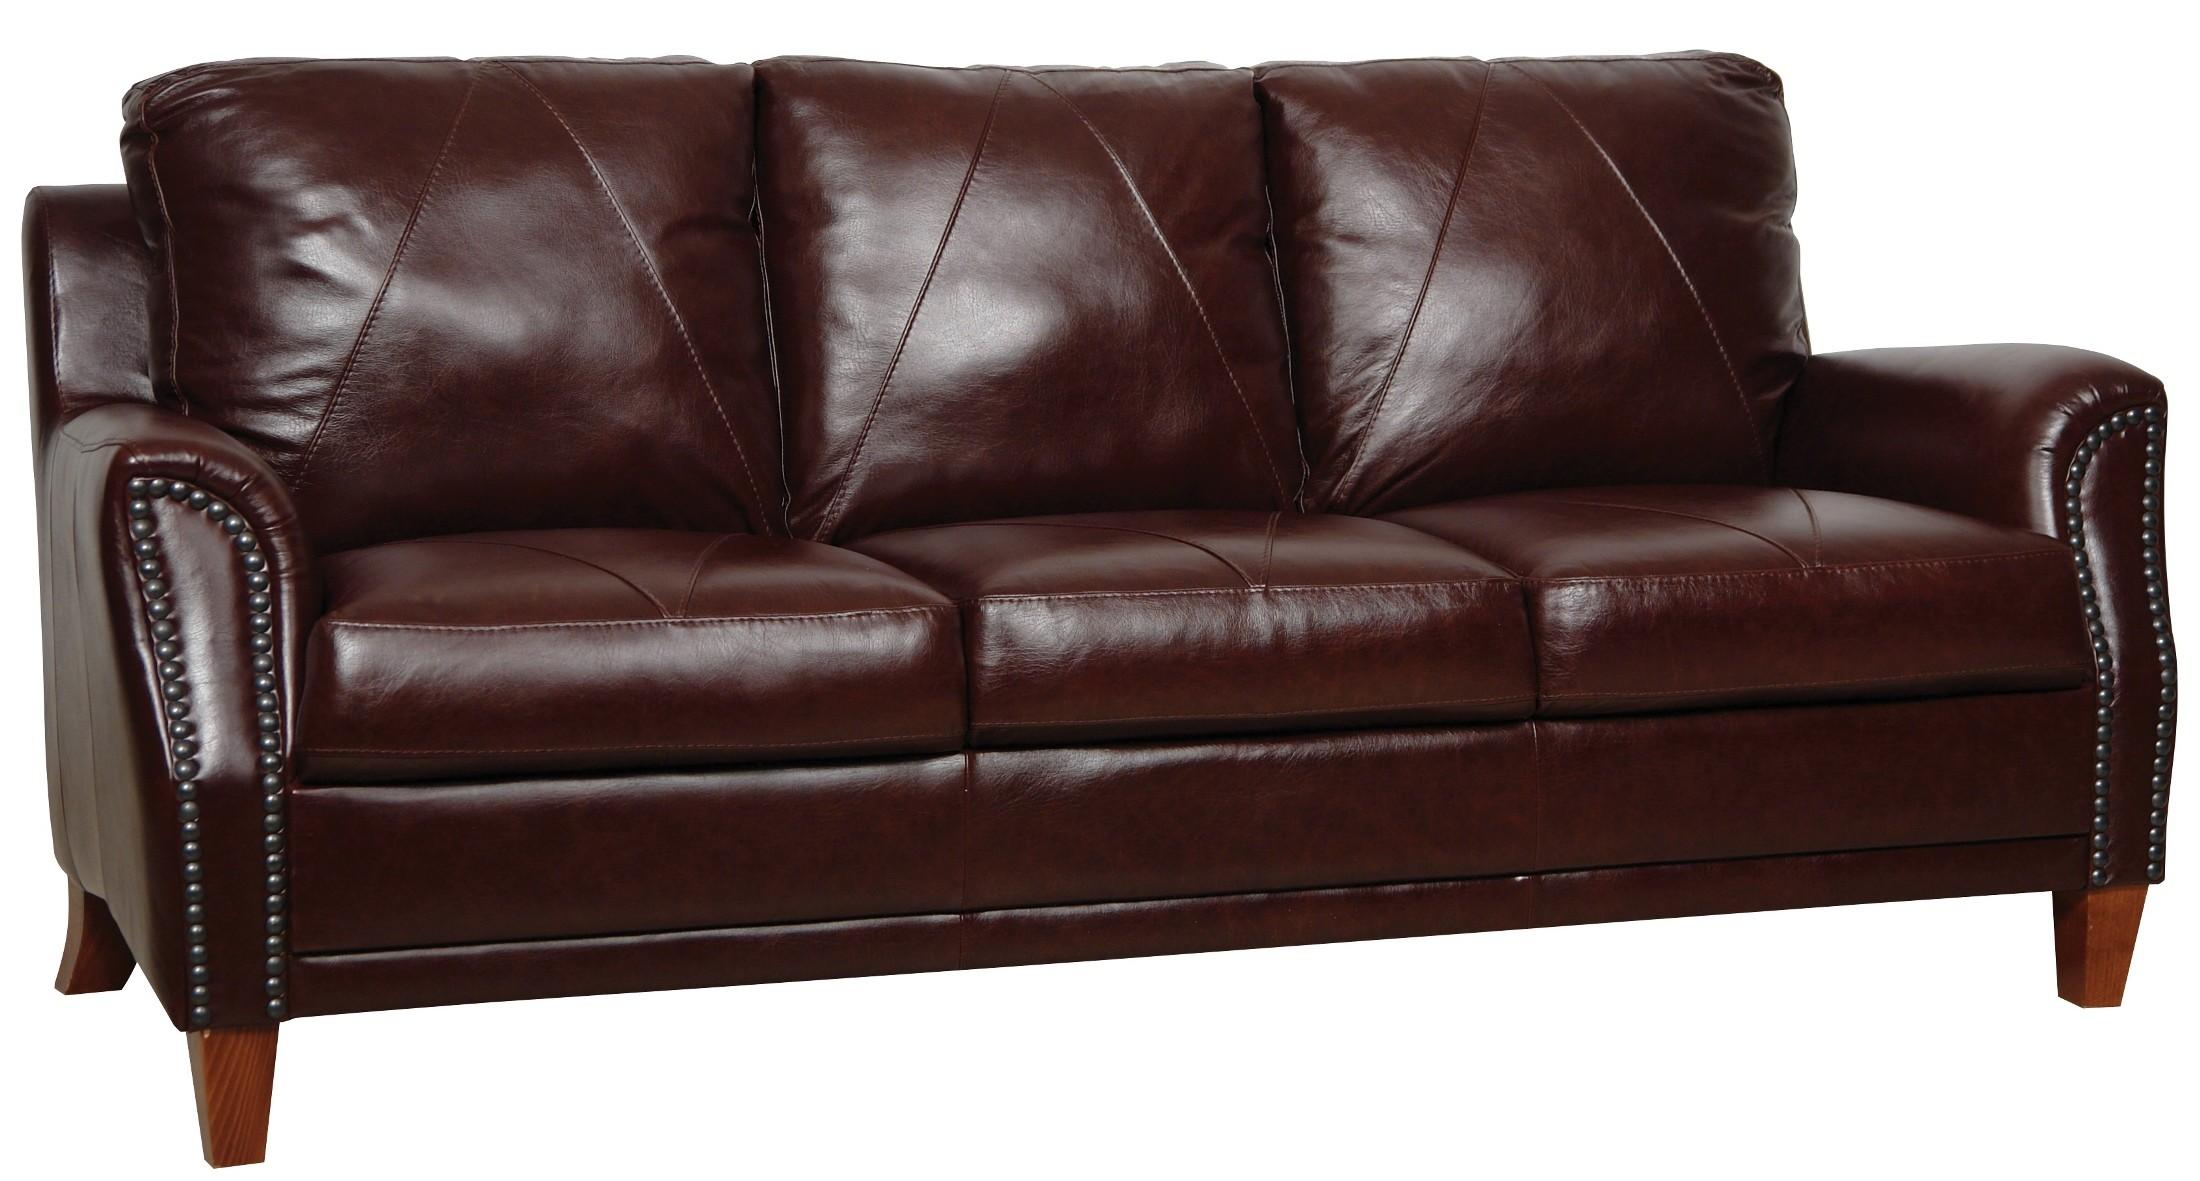 Austin Italian Leather Sofa